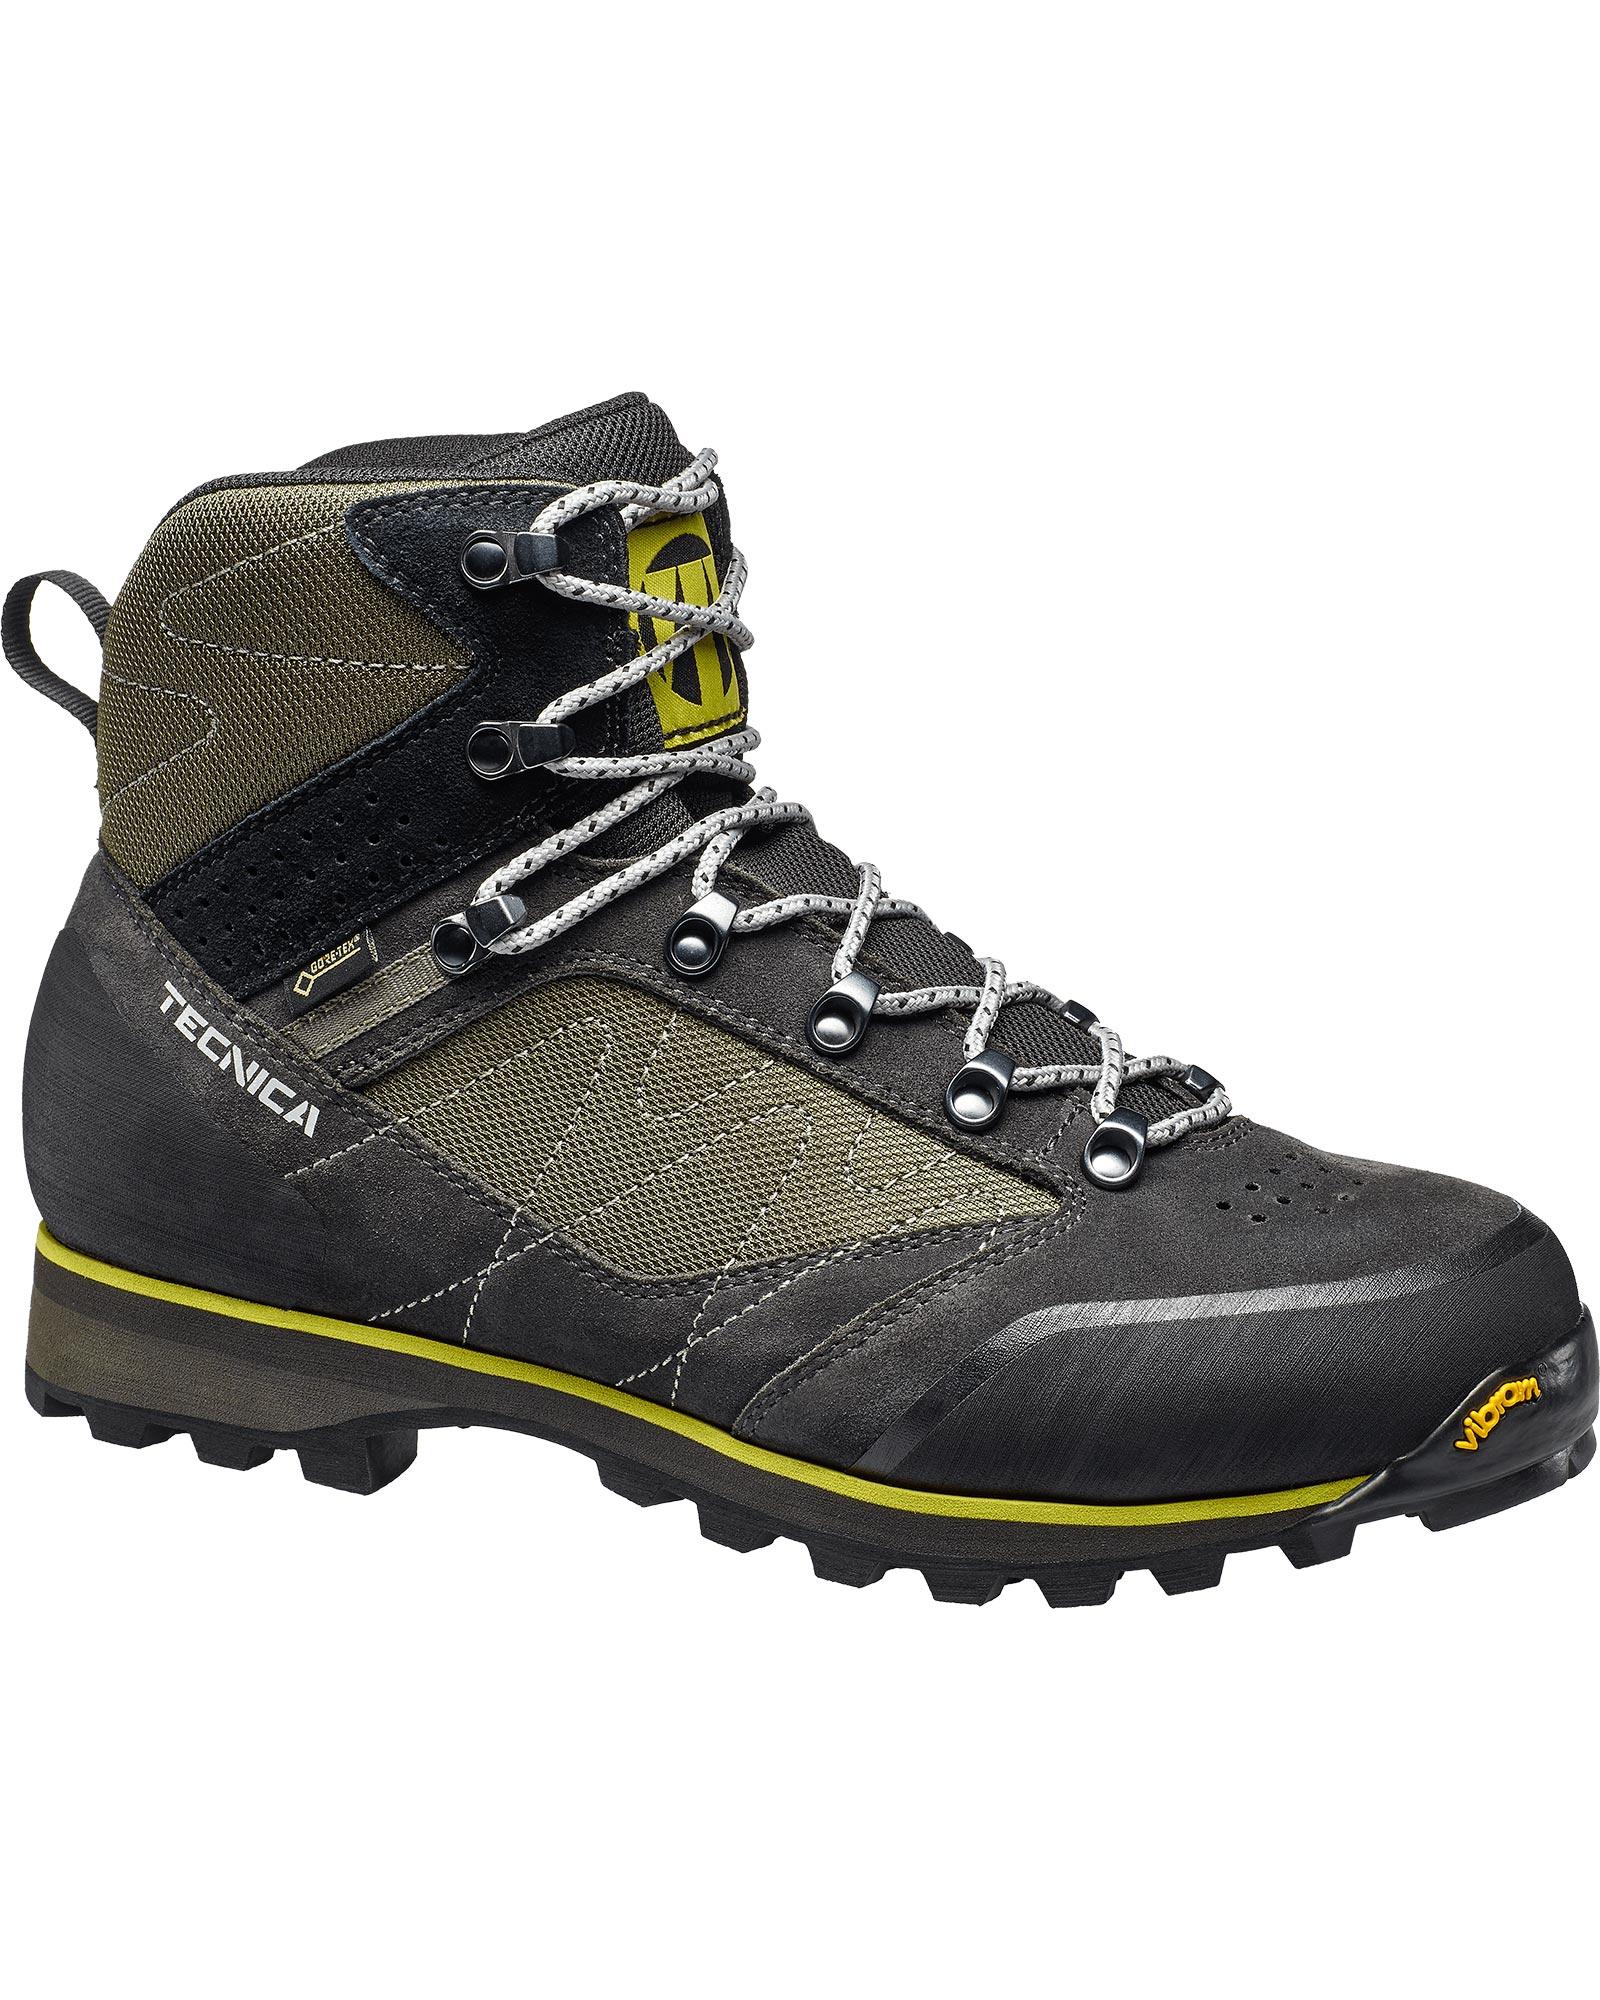 Tecnica Kilimanjaro II GORE-TEX Men's Boots 0